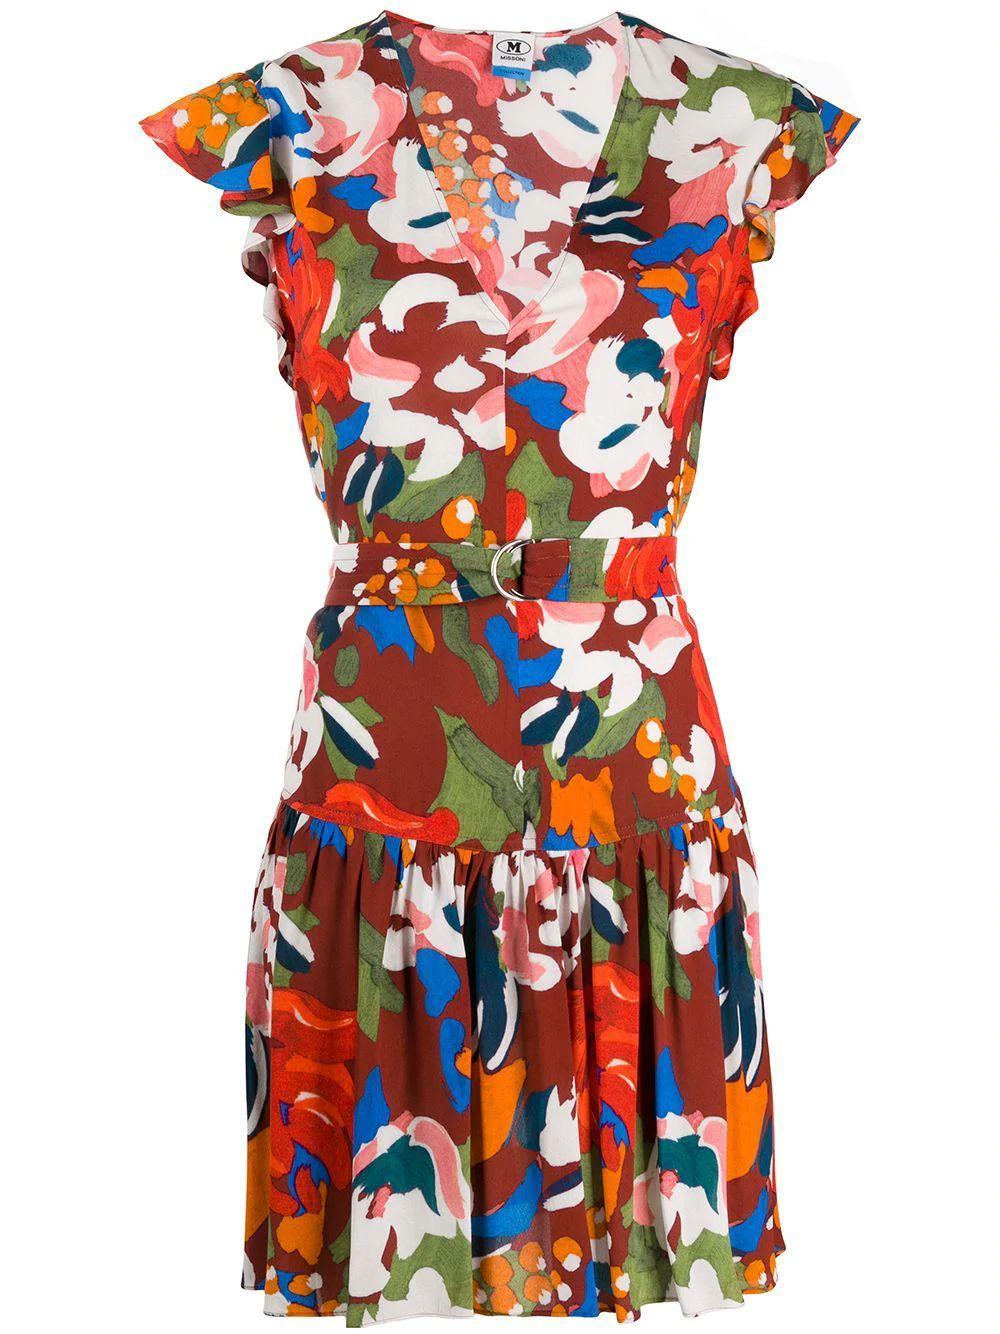 V-Neck Printed Short Dress With Belt